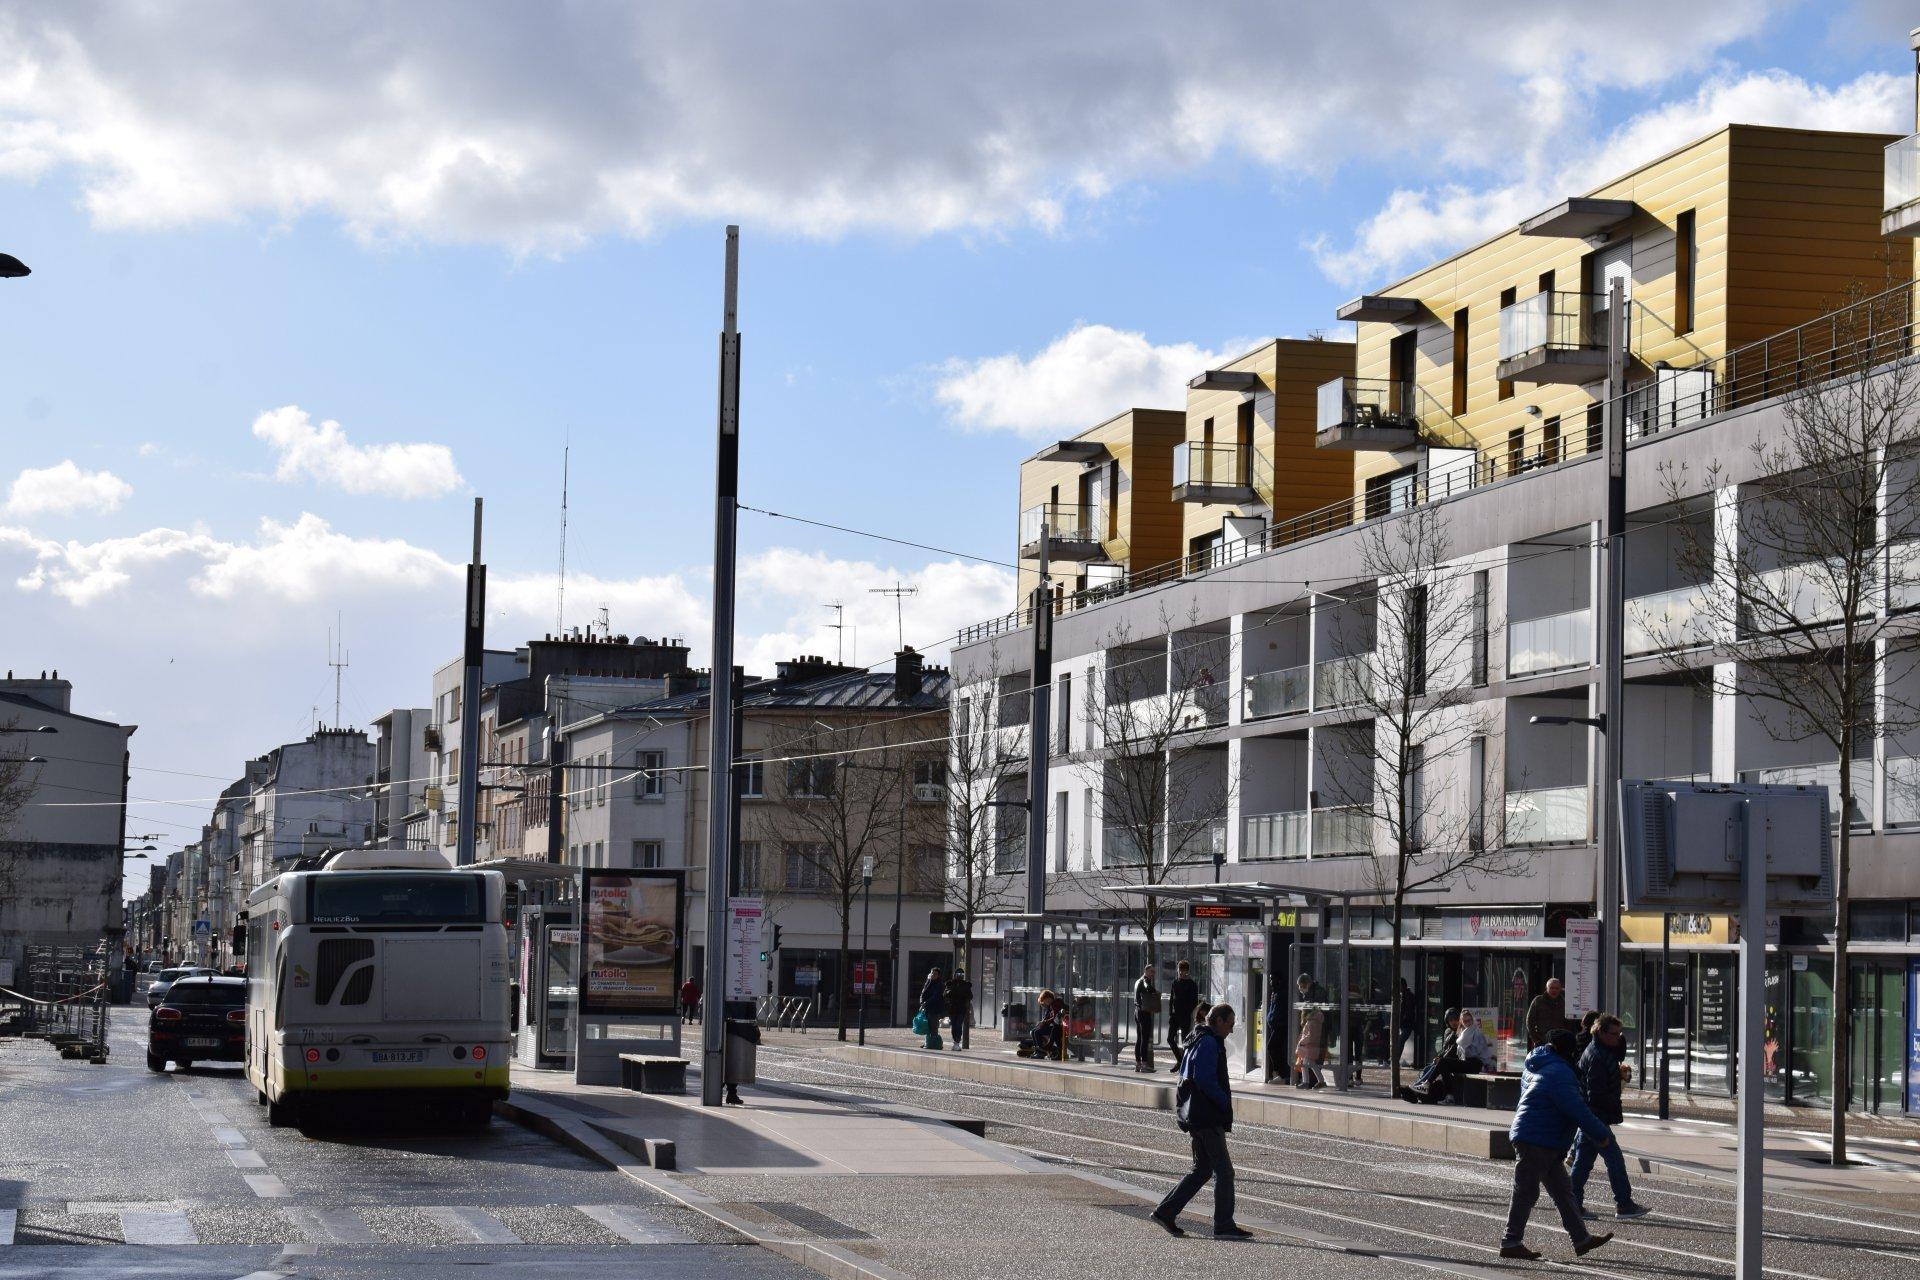 Place STRASBOURG -  Lycée de l'IROISE prox. TRAM